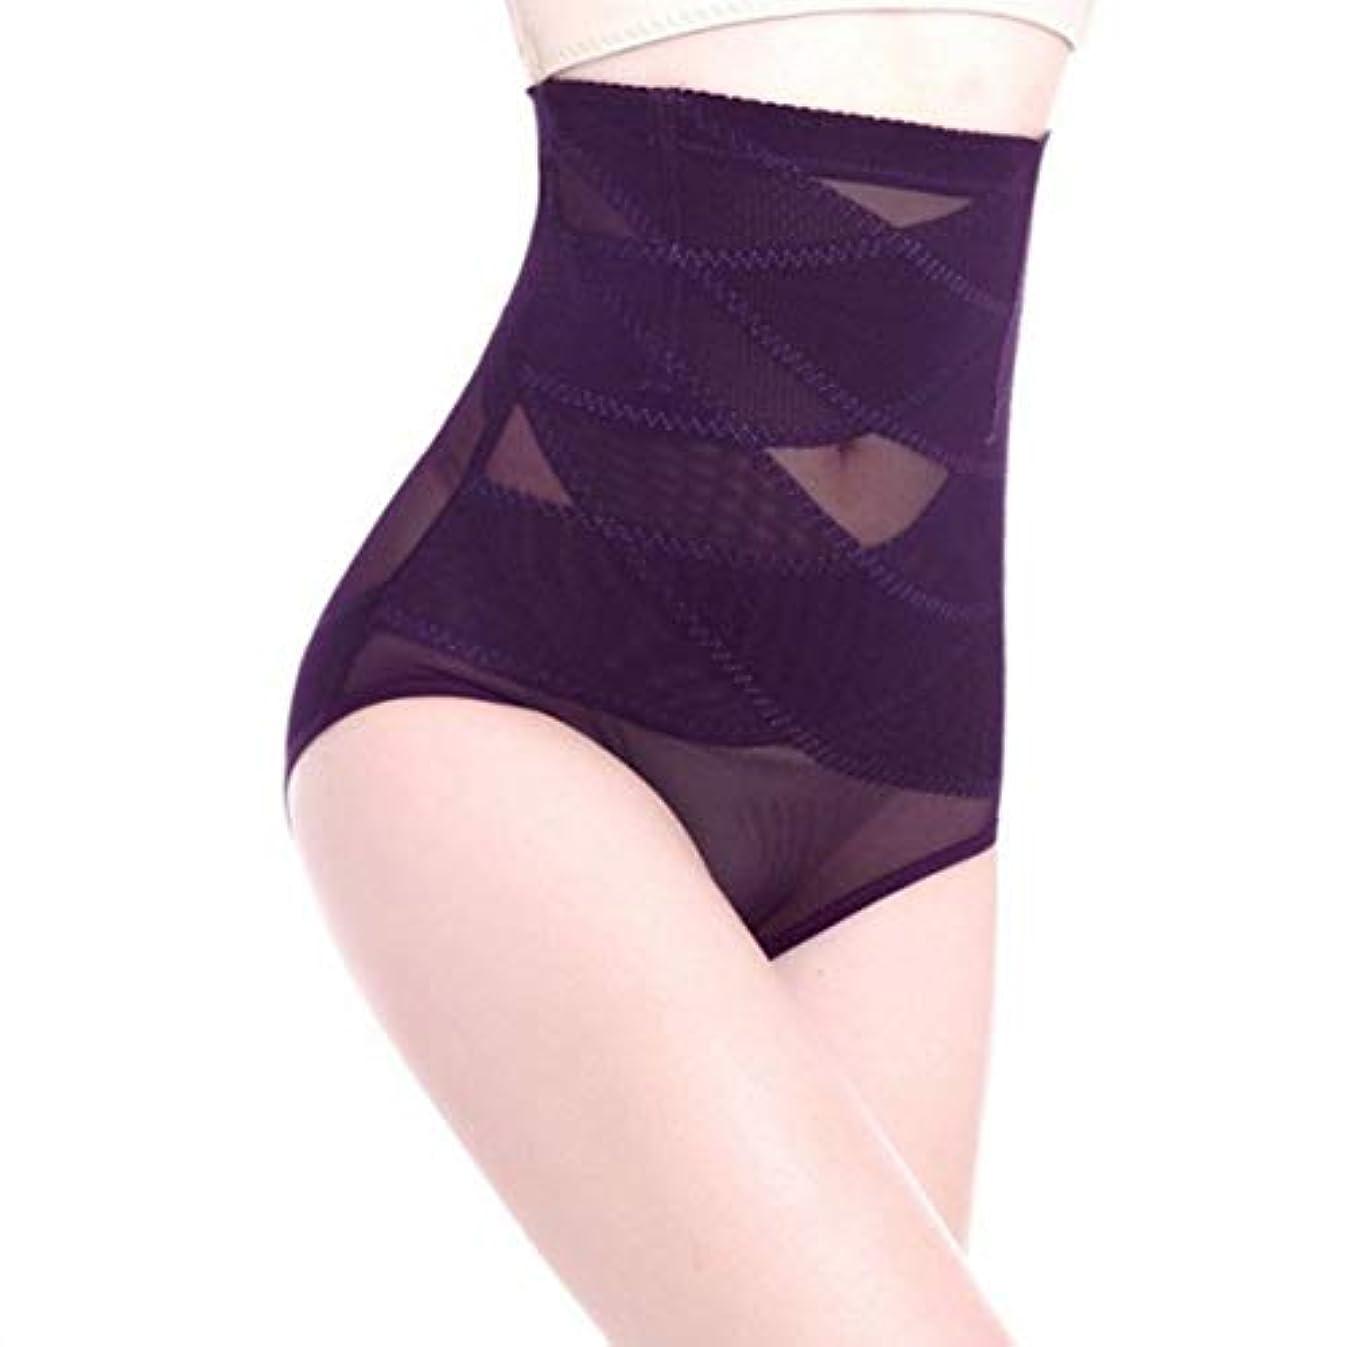 納税者助けになる付録通気性のあるハイウエスト女性痩身腹部コントロール下着シームレスおなかコントロールパンティーバットリフターボディシェイパー - パープル3 XL